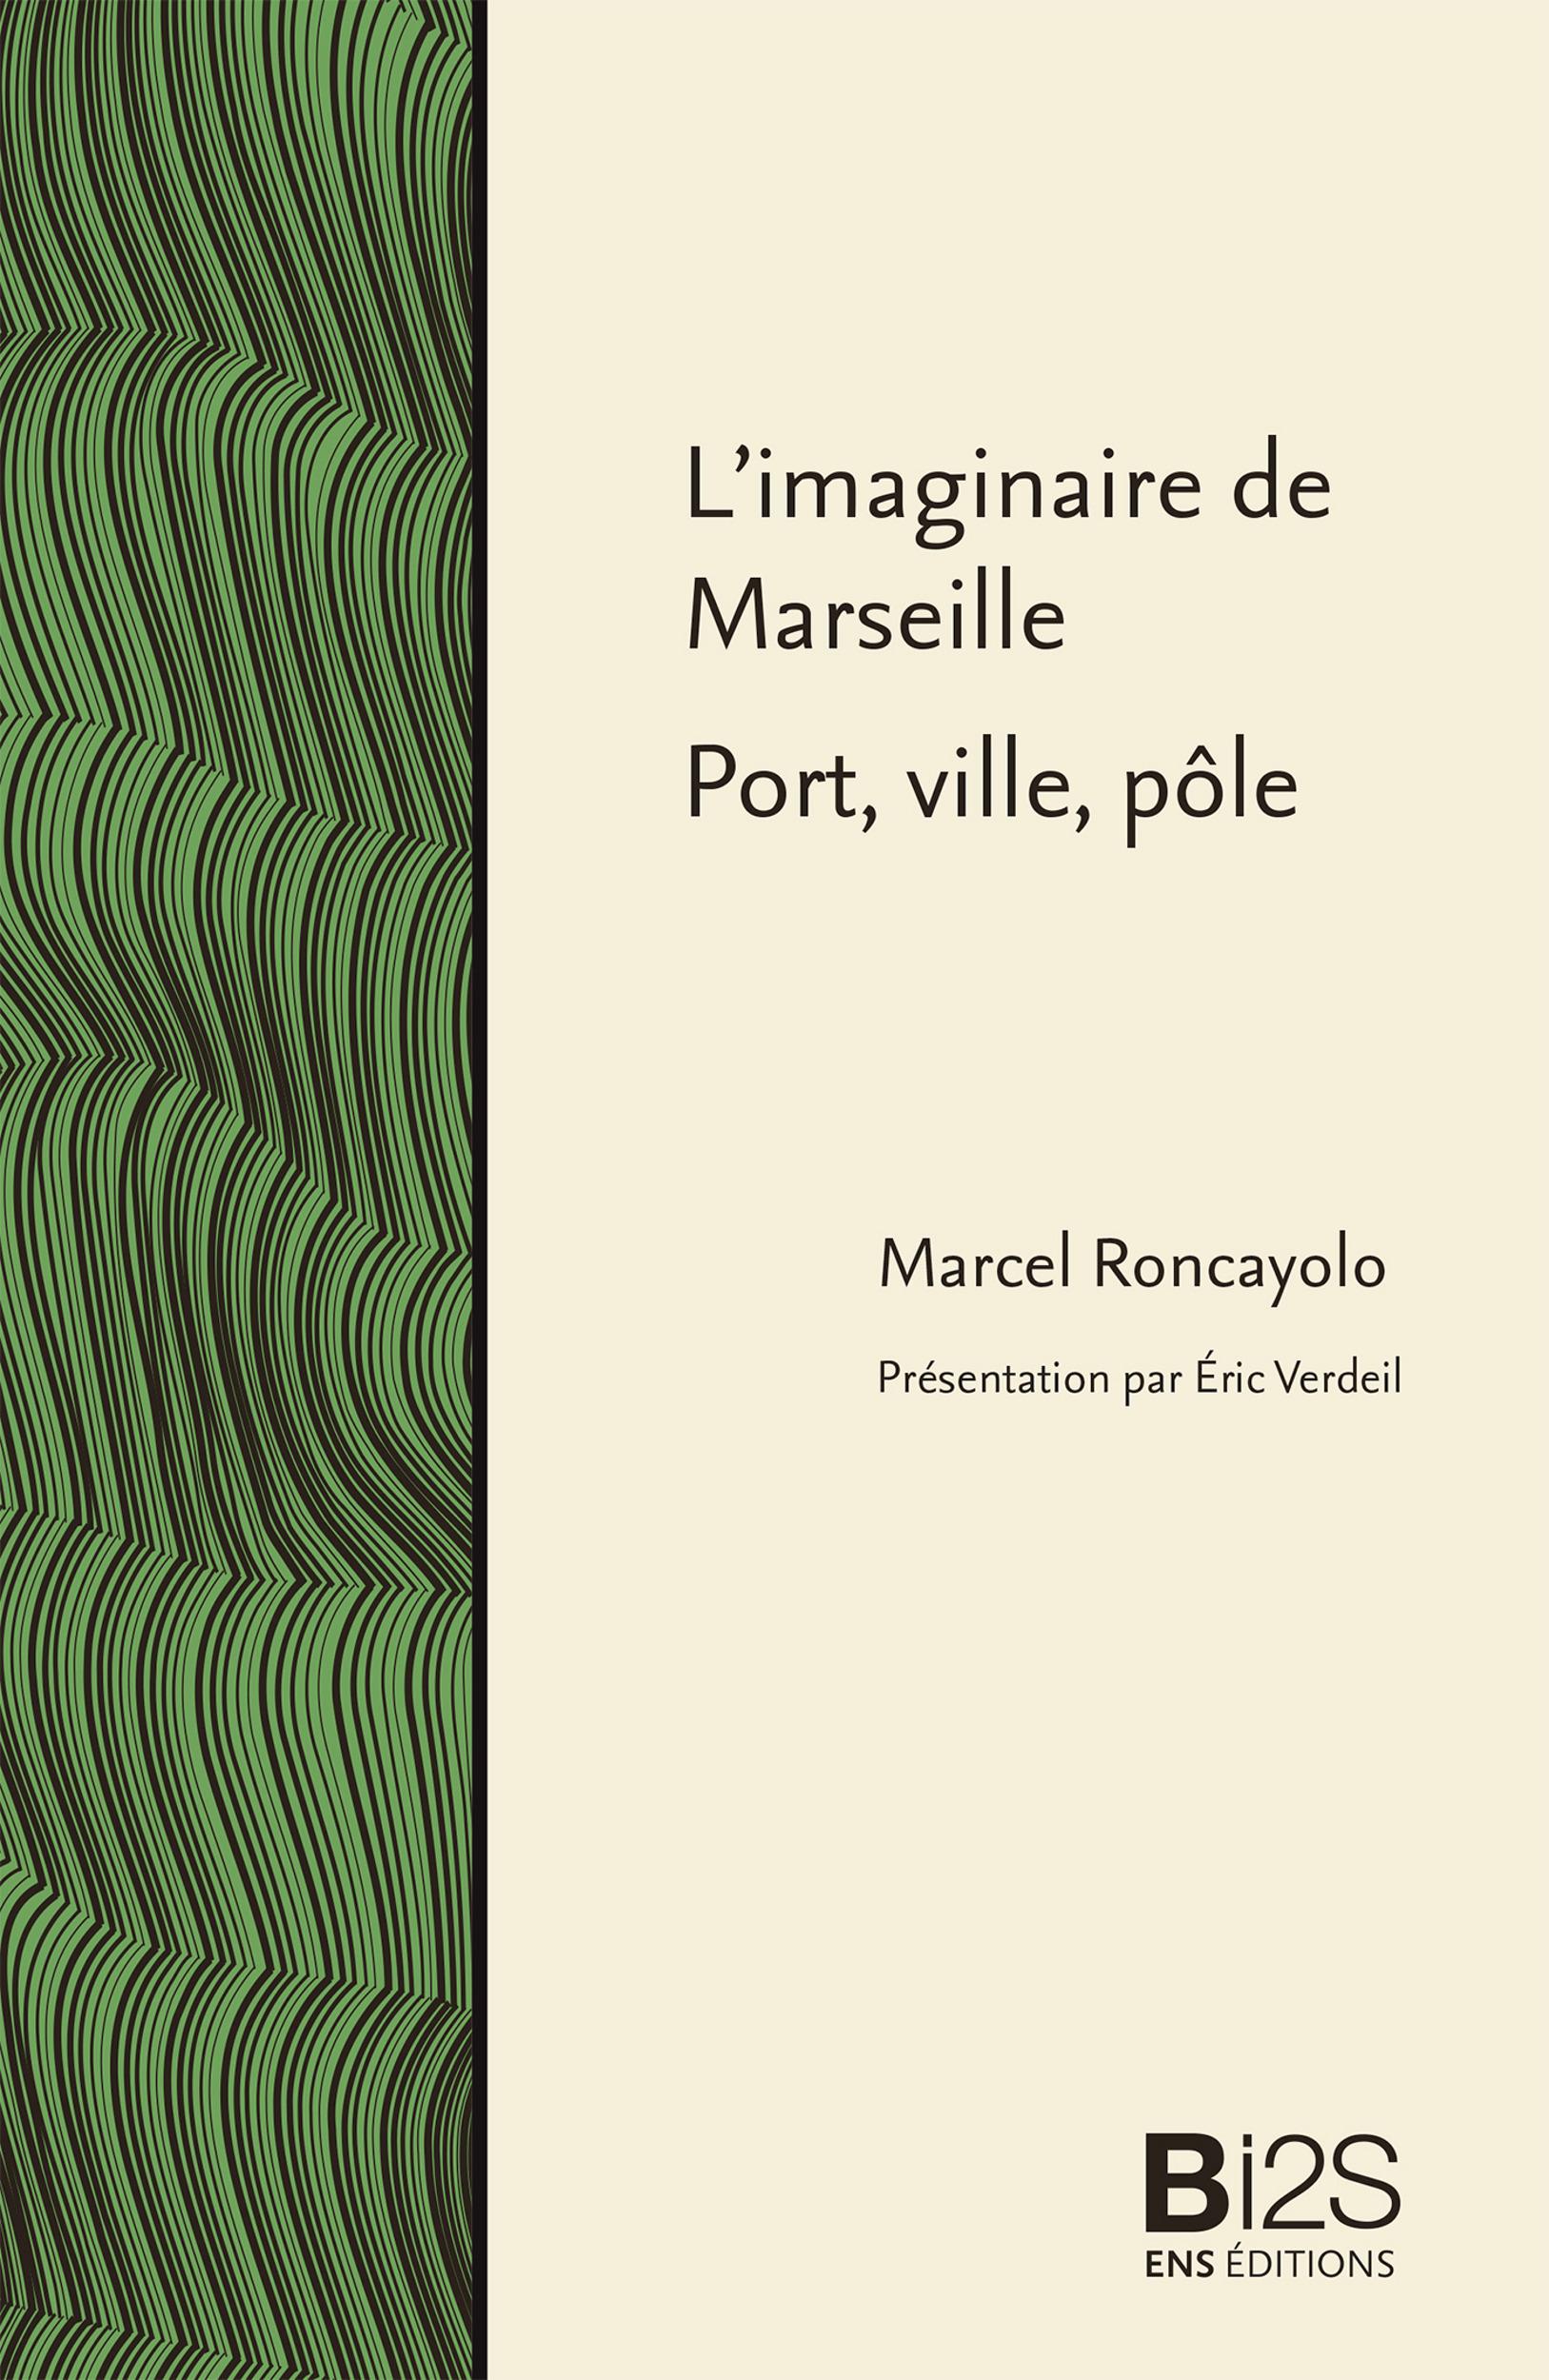 L'imaginaire de marseille. port, ville, pole